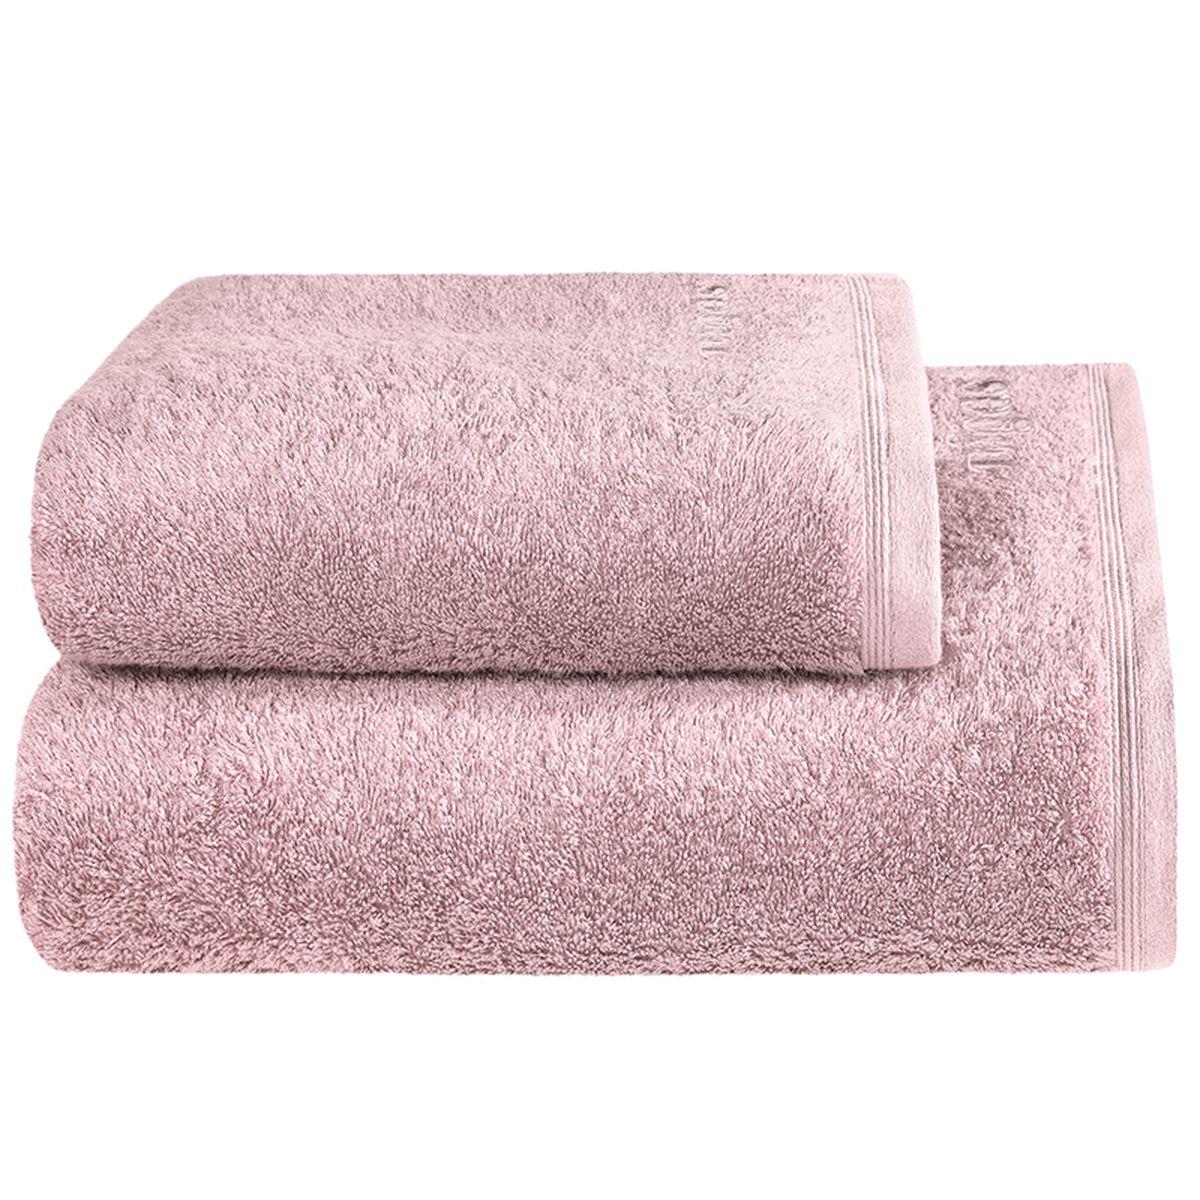 Полотенце Togas Пуатье, цвет: розовый, 70 х 140 см531-105Полотенце Togas Пуатье невероятно гармонично сочетает в себе лучшие качества современного махрового текстиля. Безупречные по качеству, экологичное полотенце из 70% хлопка и 30% модала идеально заботится о вашей коже, особенно после душа, когда вы расслаблены и особо уязвимы. Деликатный дизайн полотенца Togas «Пуатье» - воплощение изысканной простоты, где на первый план выходит качество материала. Невероятно мягкое волокно модал, превосходящее по своим свойствам даже хлопок, позволяет улучшить впитывающие качества полотенца и делает его удивительно мягким. Модал - это 100% натуральное, экологически чистое целлюлозное волокно. Оно производится без применения каких-либо химических примесей, поэтому абсолютно гипоаллергенно.Полотенце Togas Пуатье, обладающее идеальными качествами, будет поднимать вам настроение.